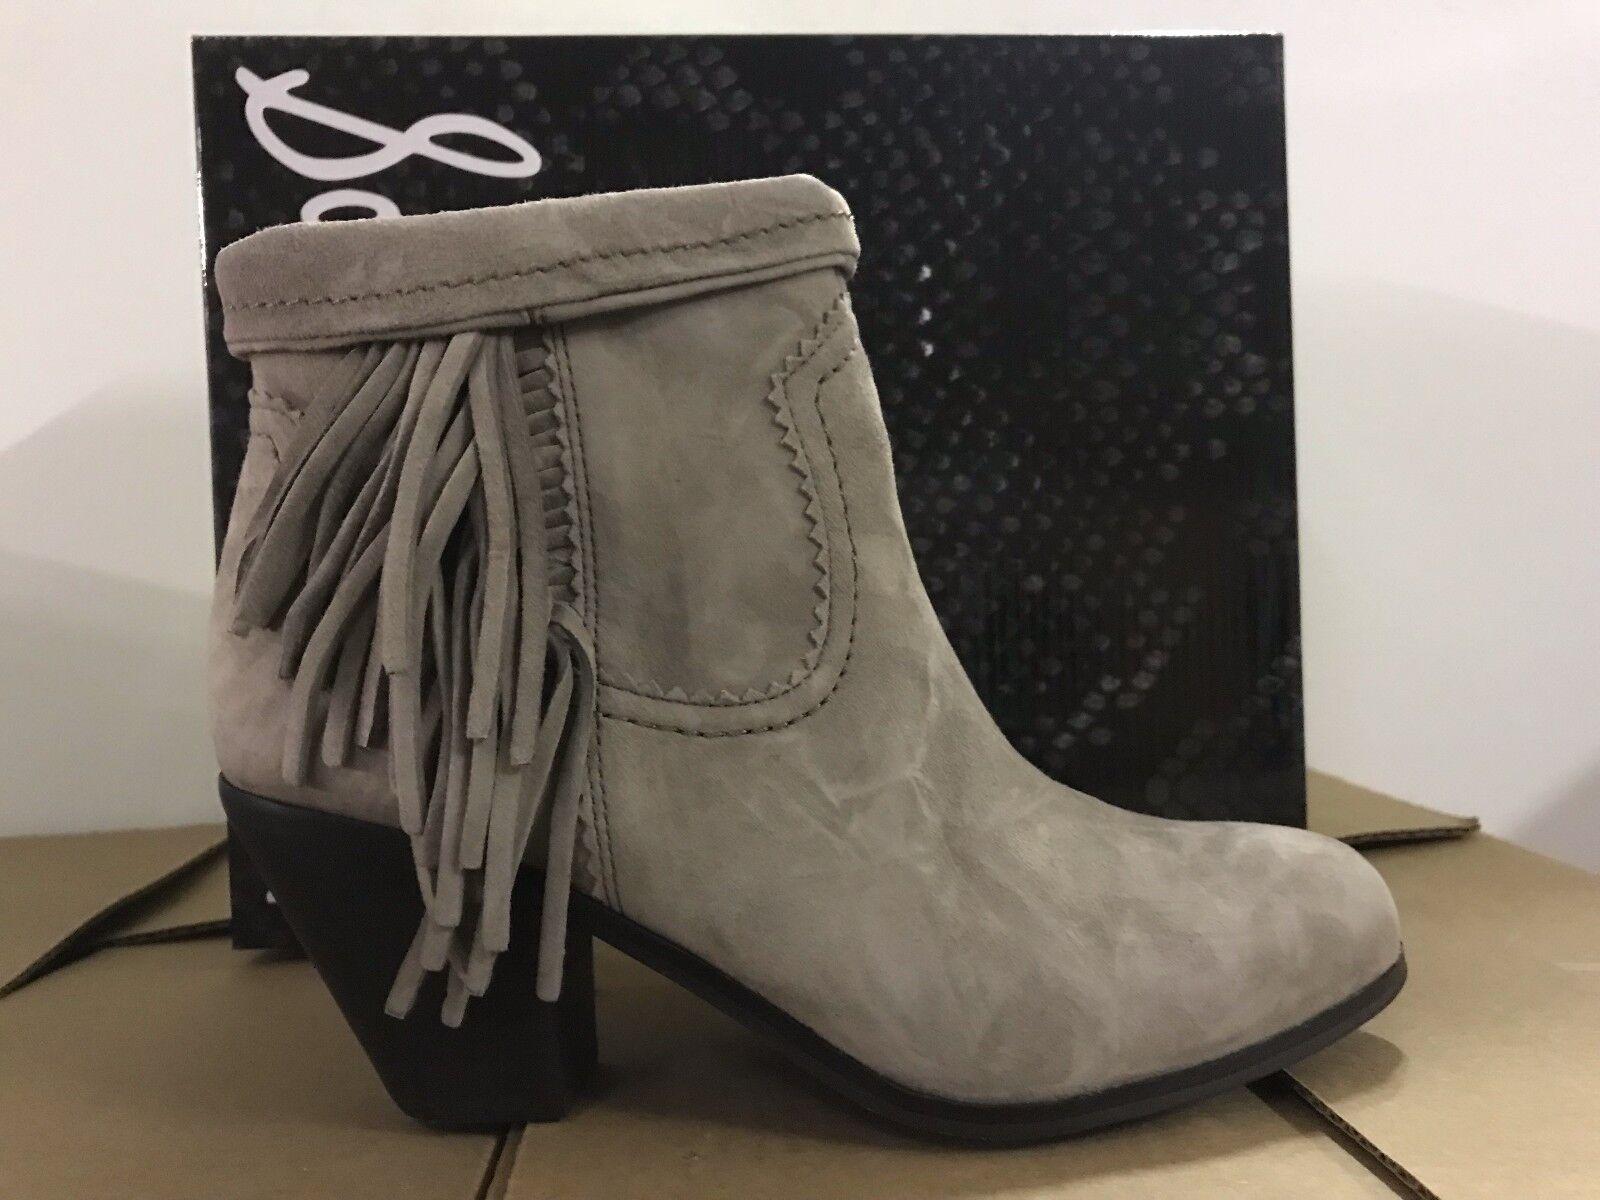 Sam Edelman Louie para mujer botas al Tobillo Bronceado occidental de Gamuza Botines de flecos Bronceado Tobillo 949e0a